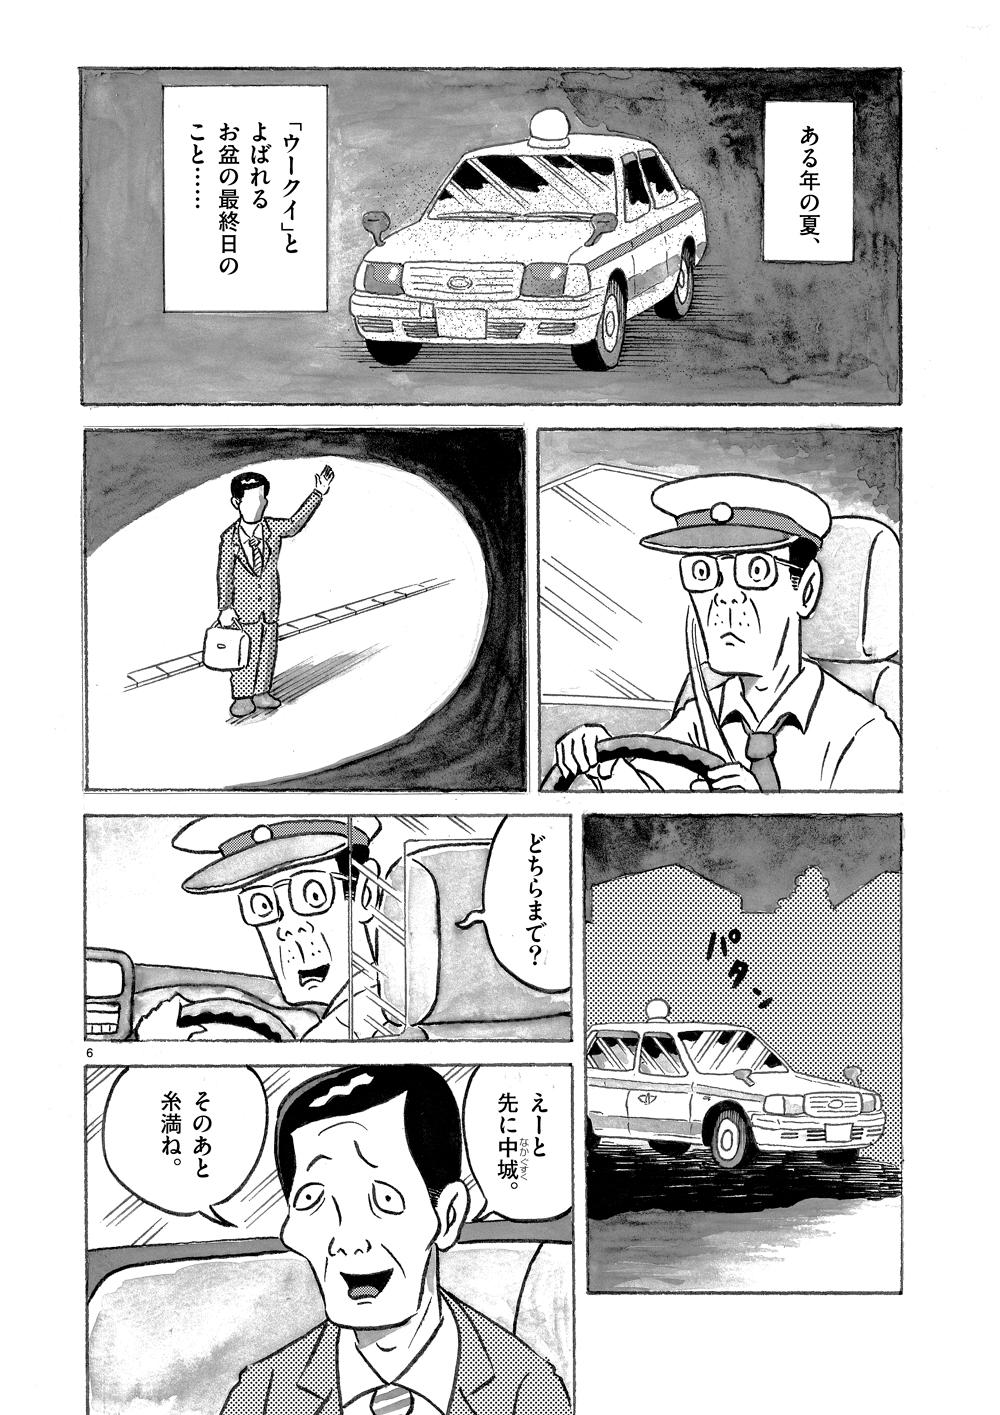 琉球怪談 【第9話】WEB掲載6ページ目画像